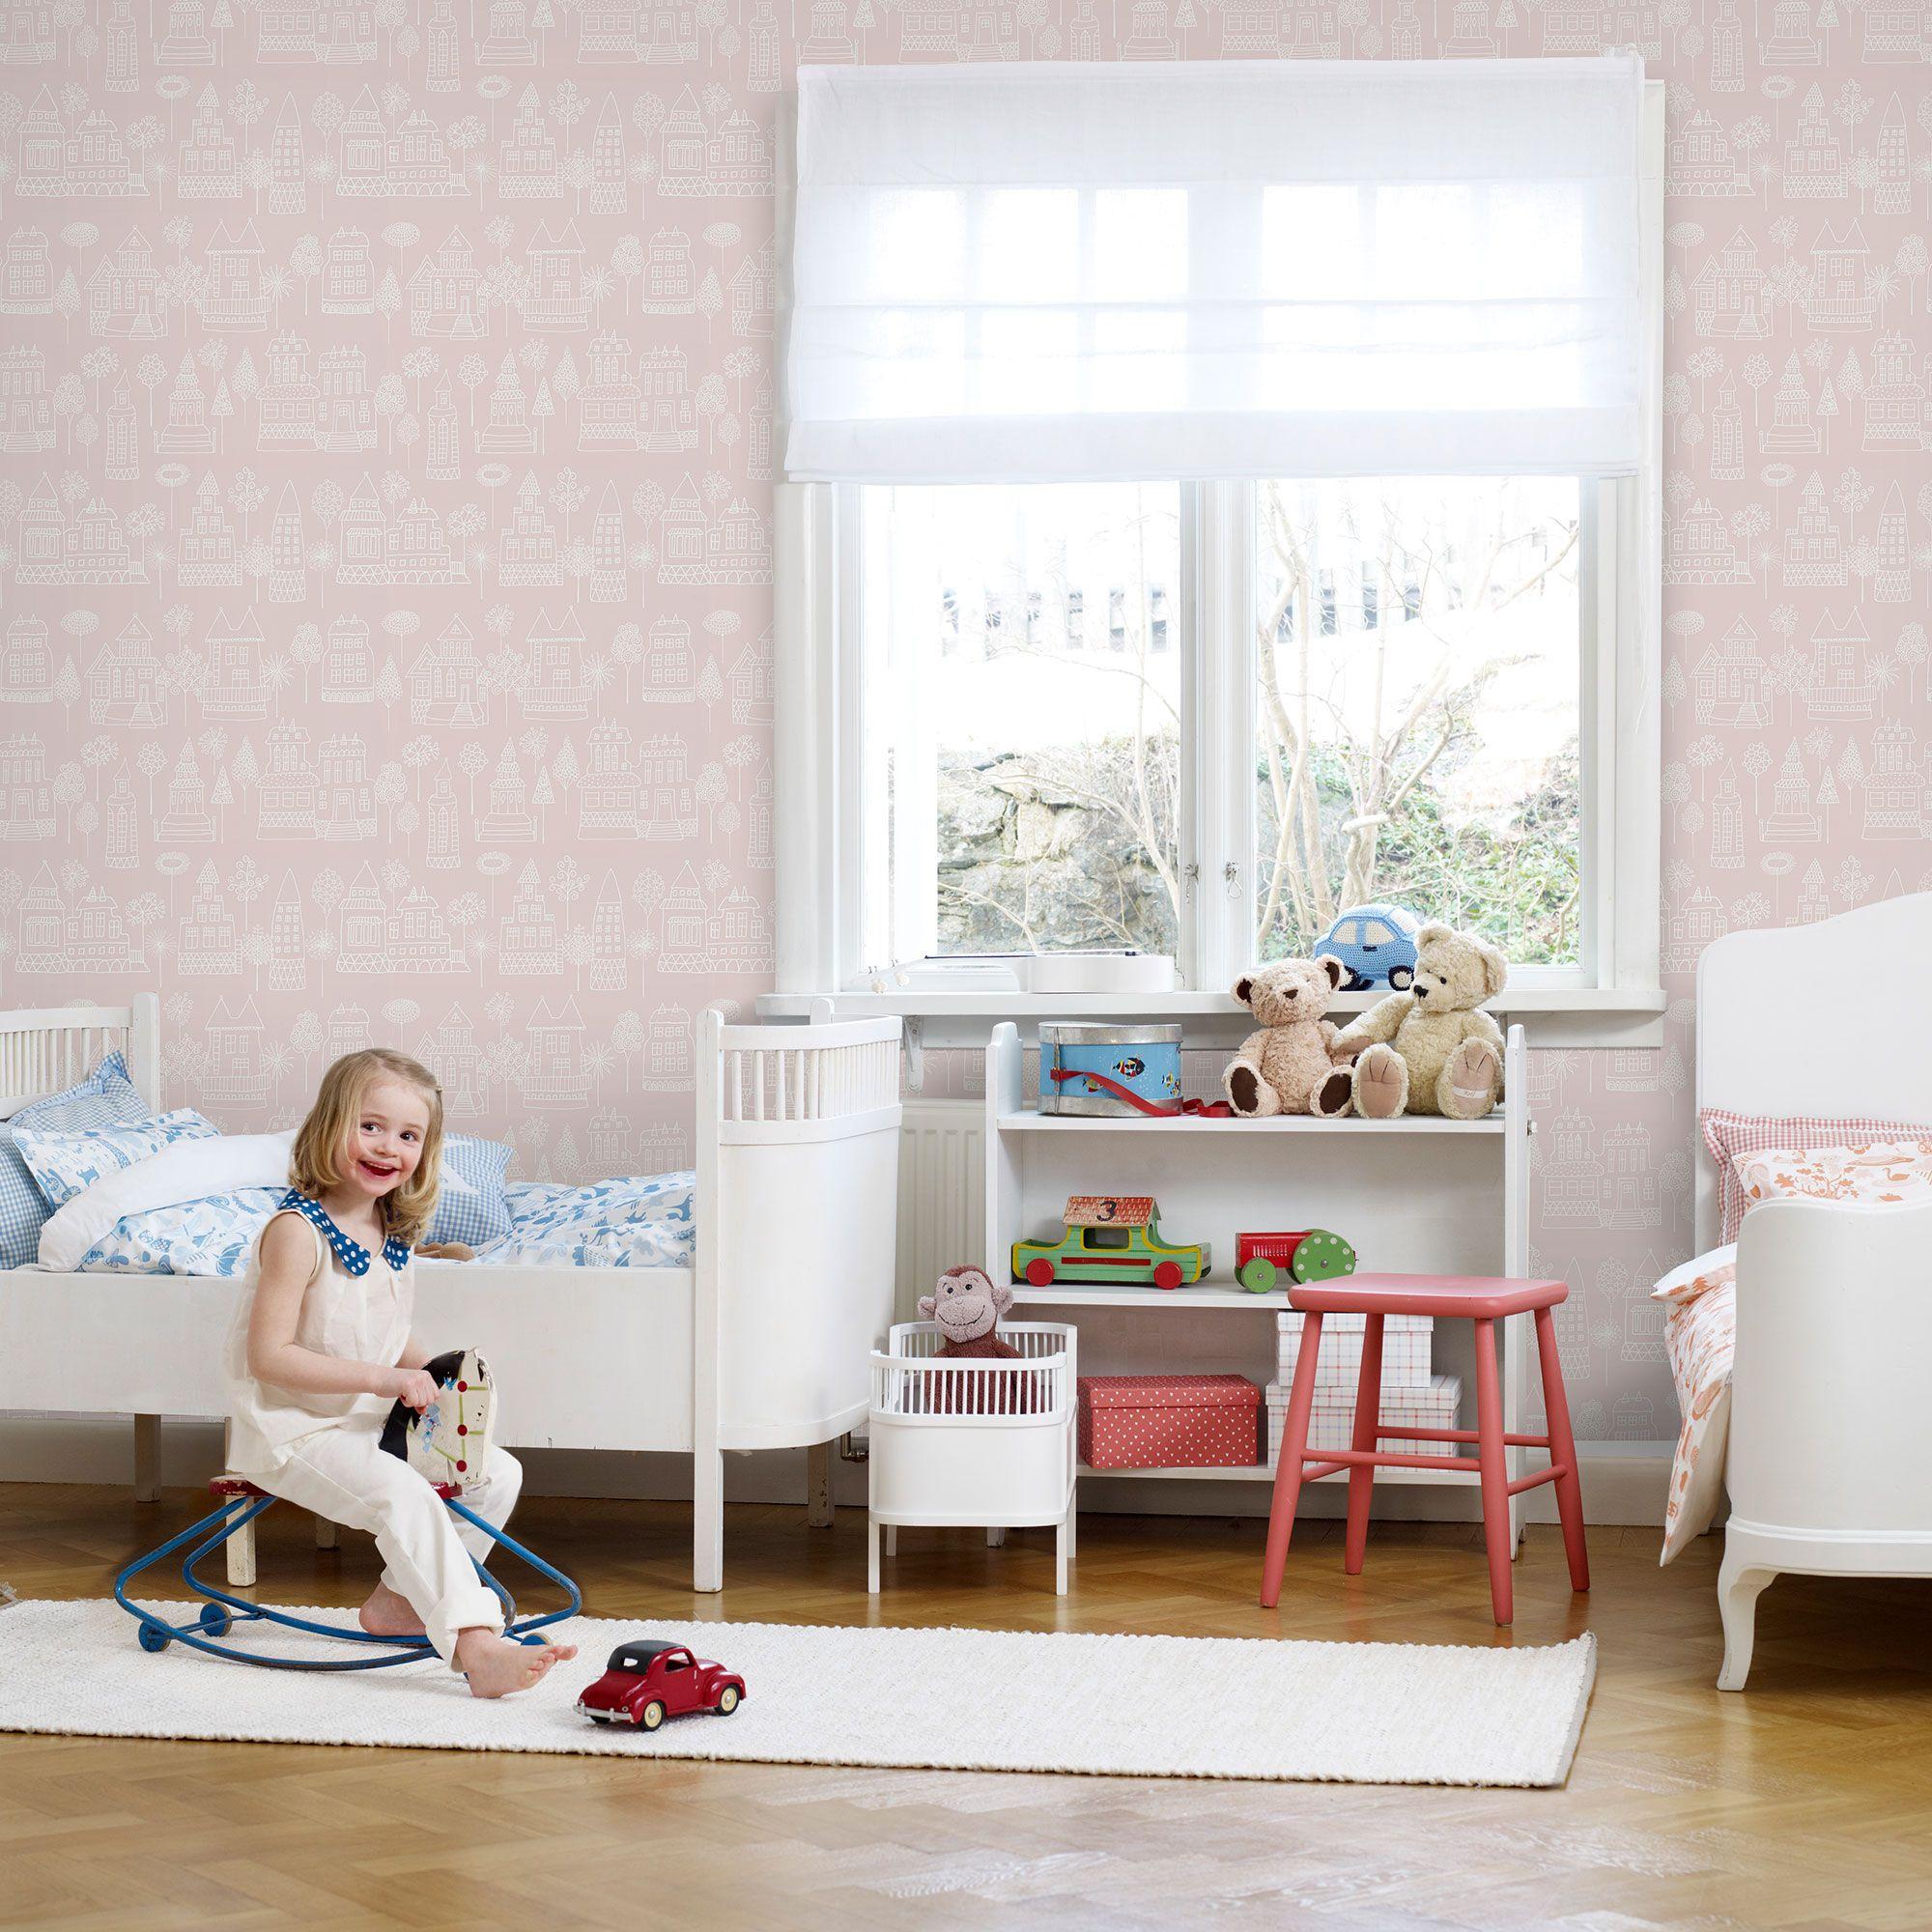 Bright hallway wallpaper  Wallpaper Kaspar Light pink  Sandberg Wallpaper  for eleanorus